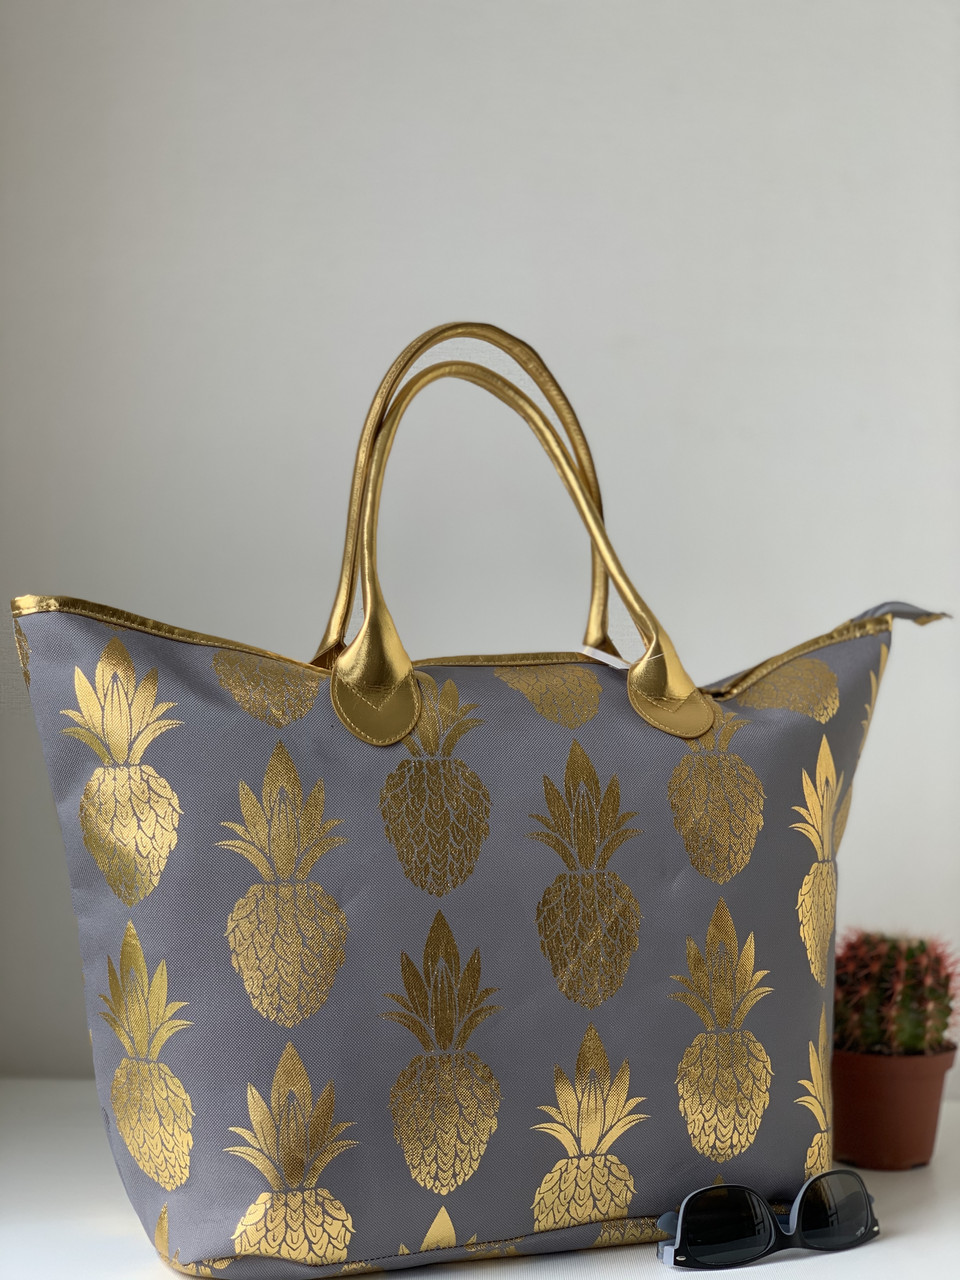 Оригинальная пляжная сумка шоппер тканевая летняя вместительная с узором ананас